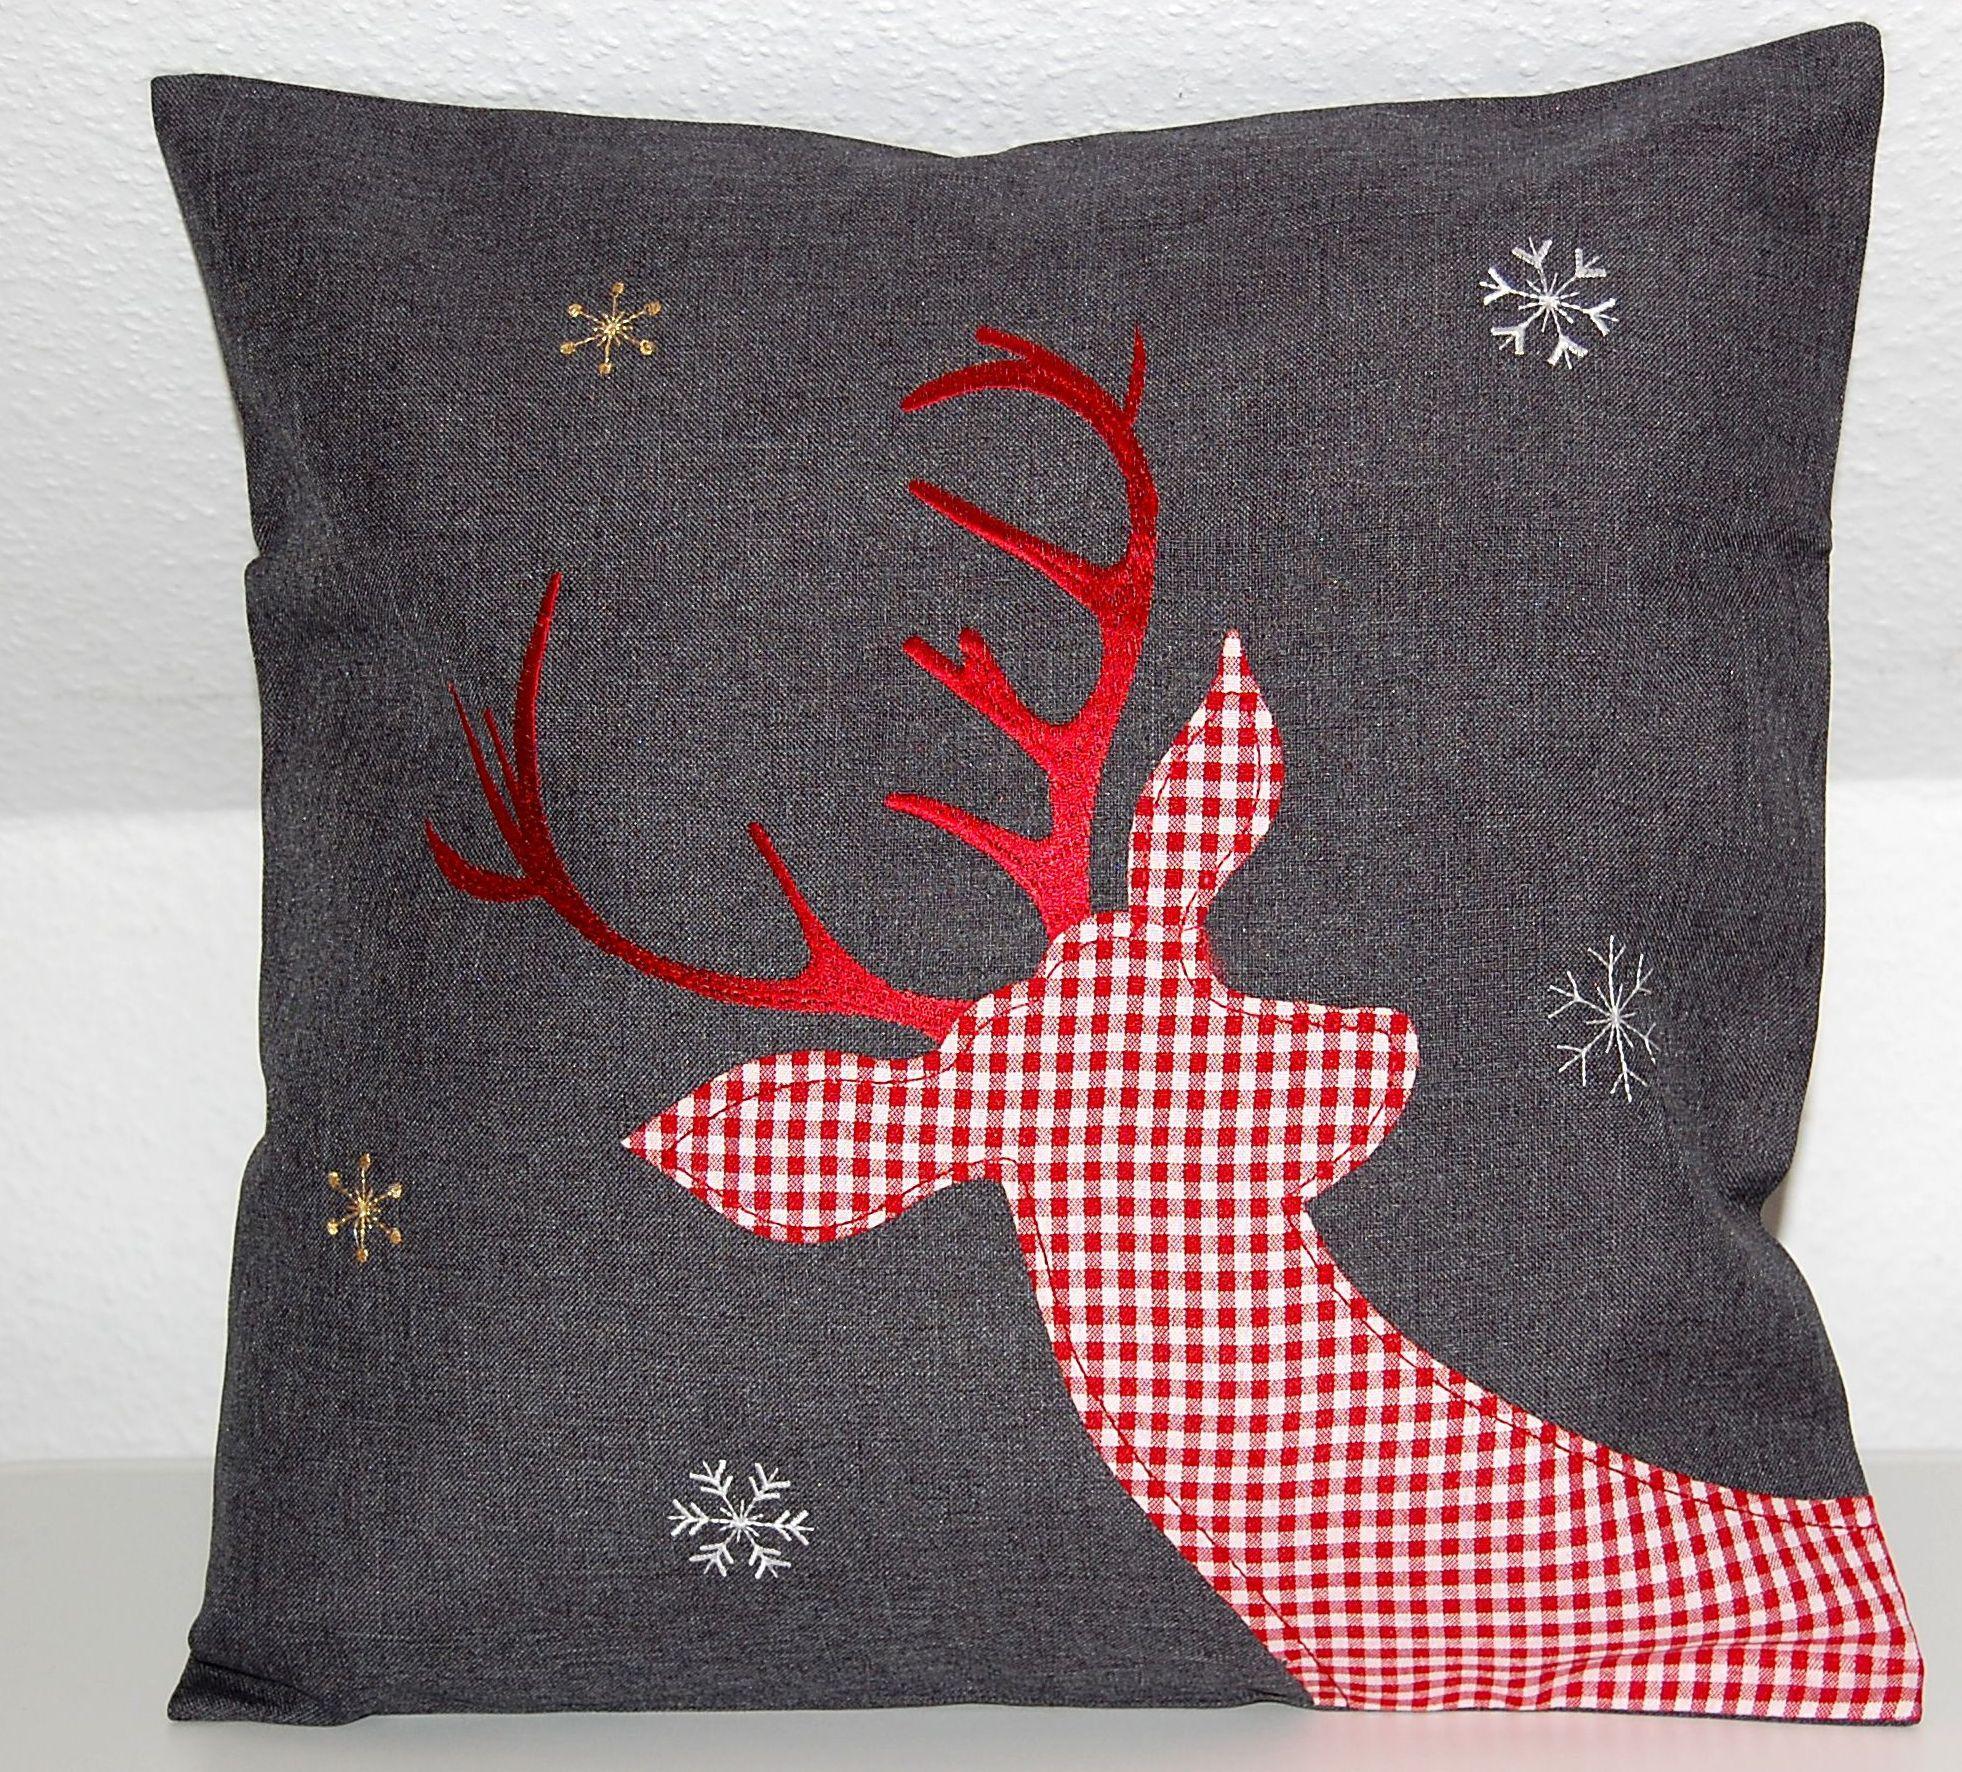 tischdecke weihnachten anthrazit hirsch rot wei kariert kissenh lle tischl ufer ebay. Black Bedroom Furniture Sets. Home Design Ideas